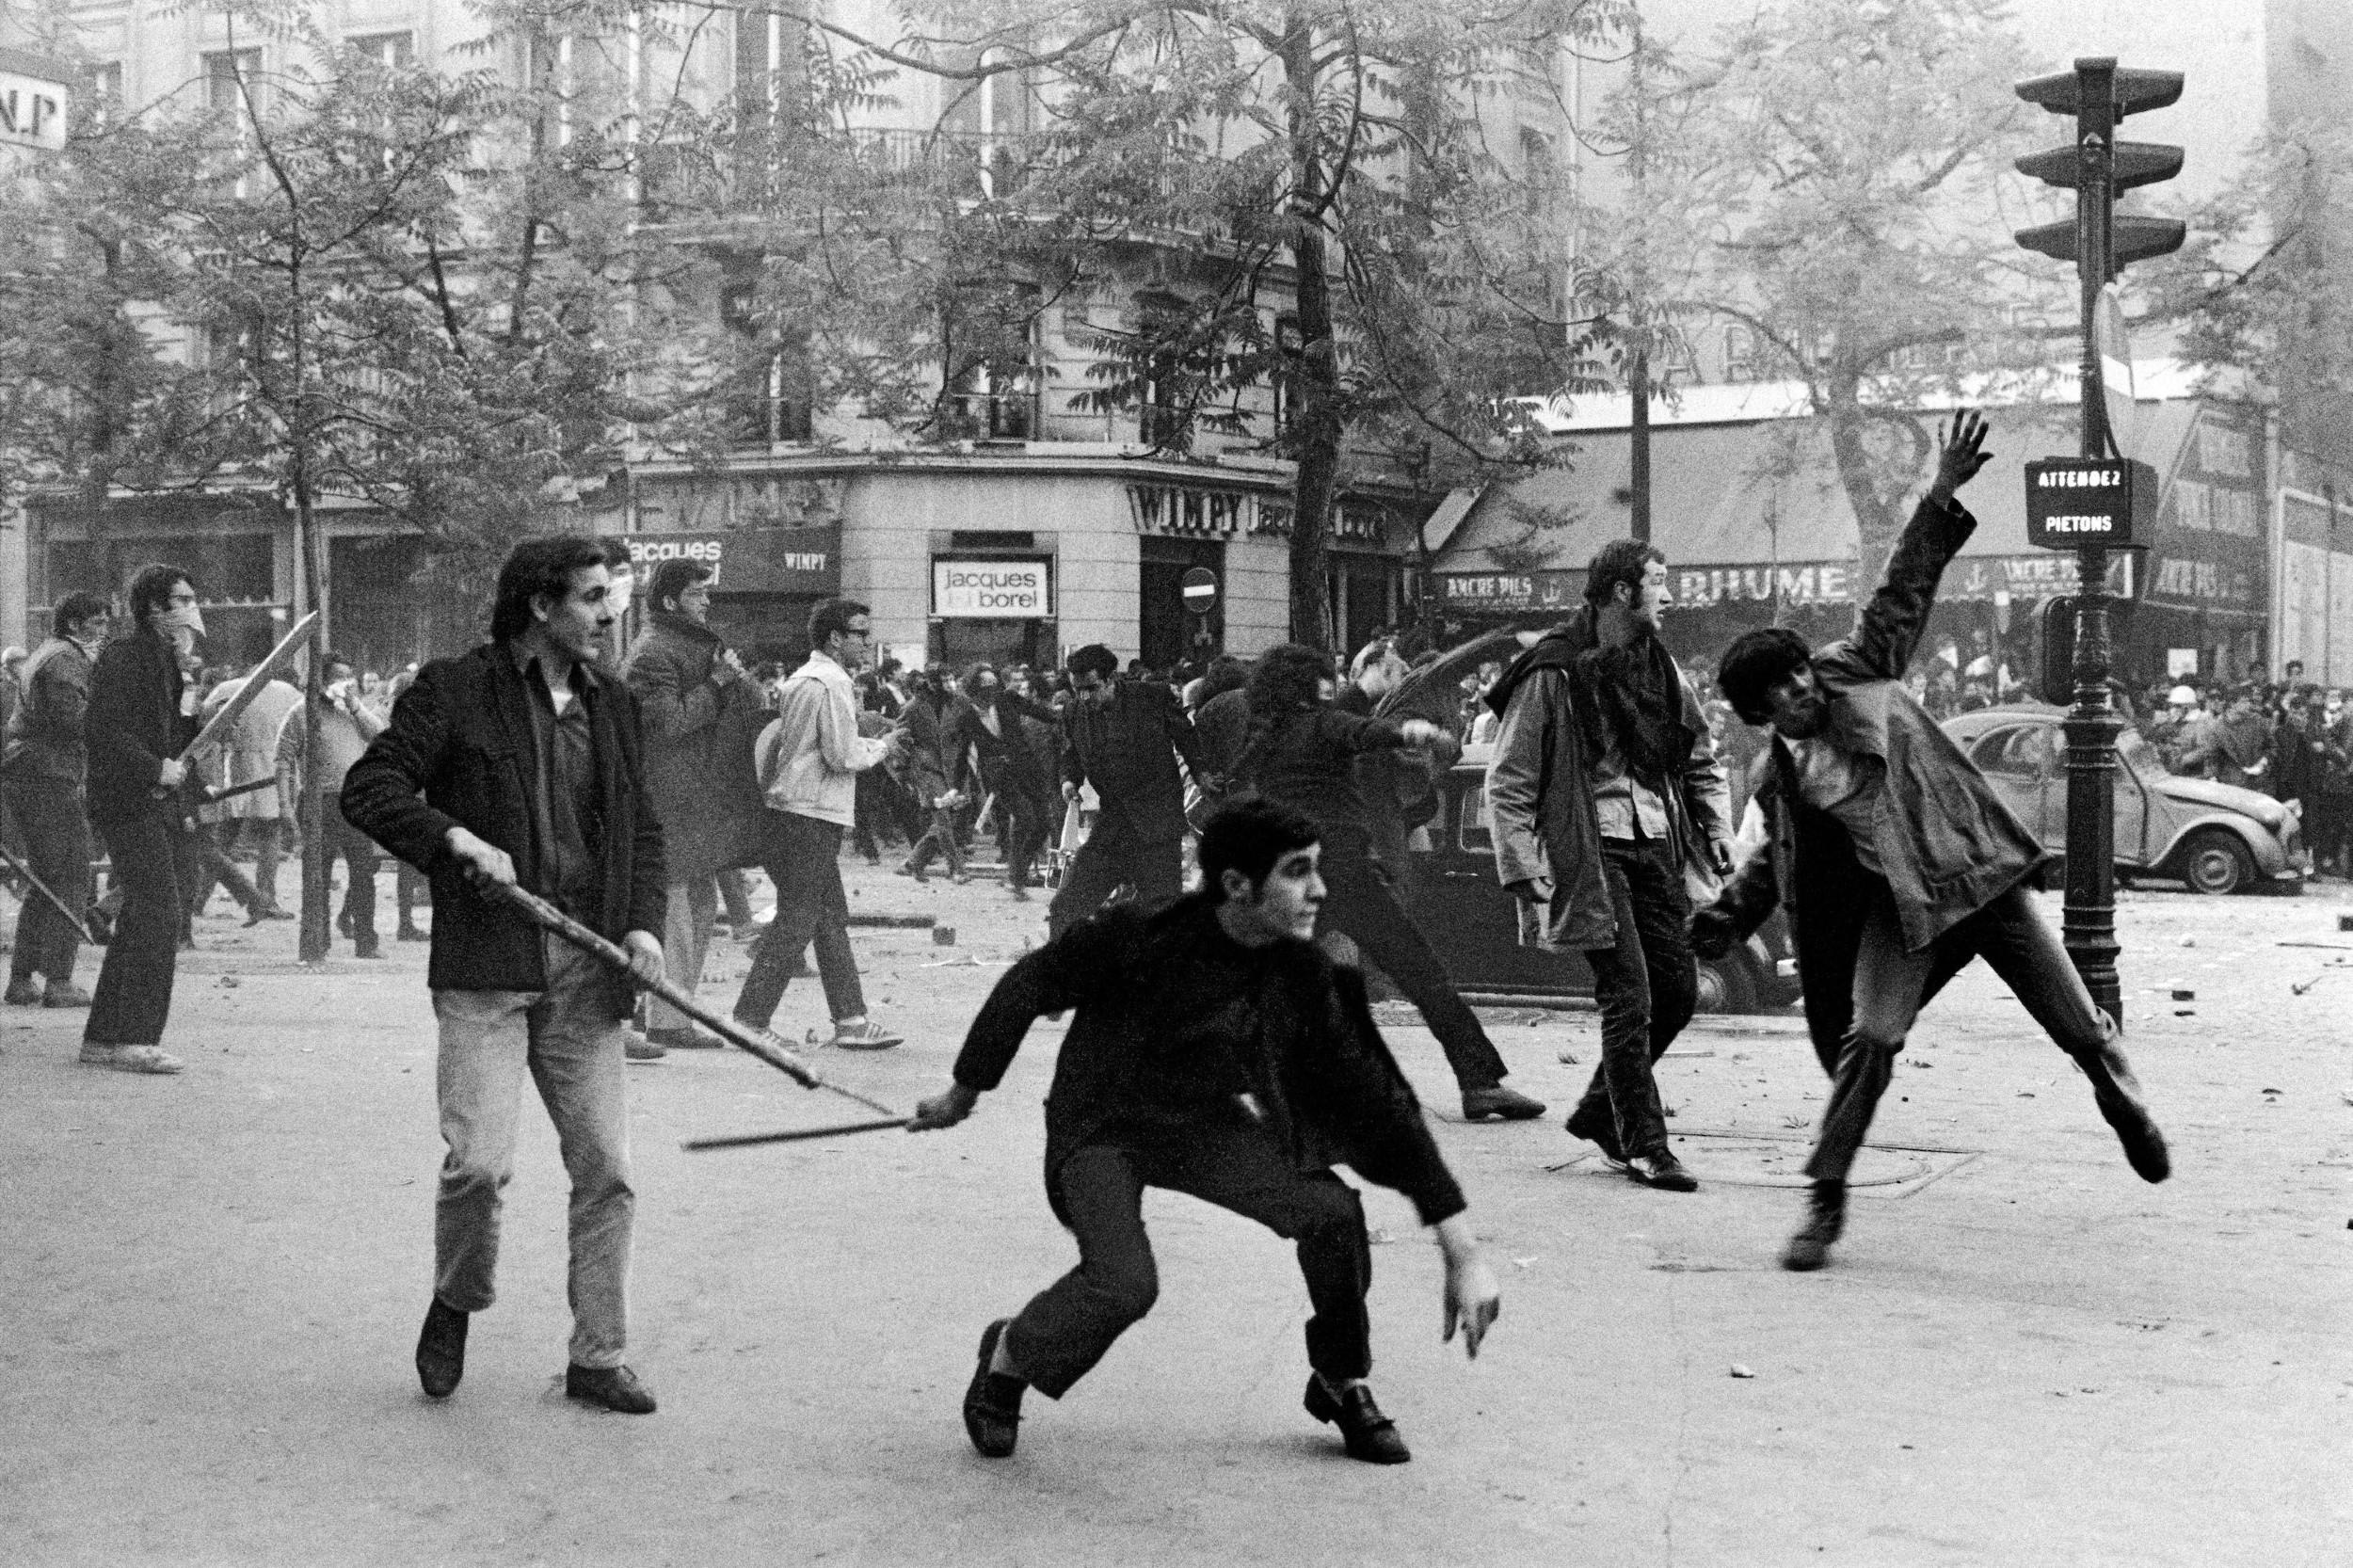 Студенти са моткама бацају каменице на полицију, Париз, 06. мај 1968. (Фото: Bruno Barbey/Magnum Photos)